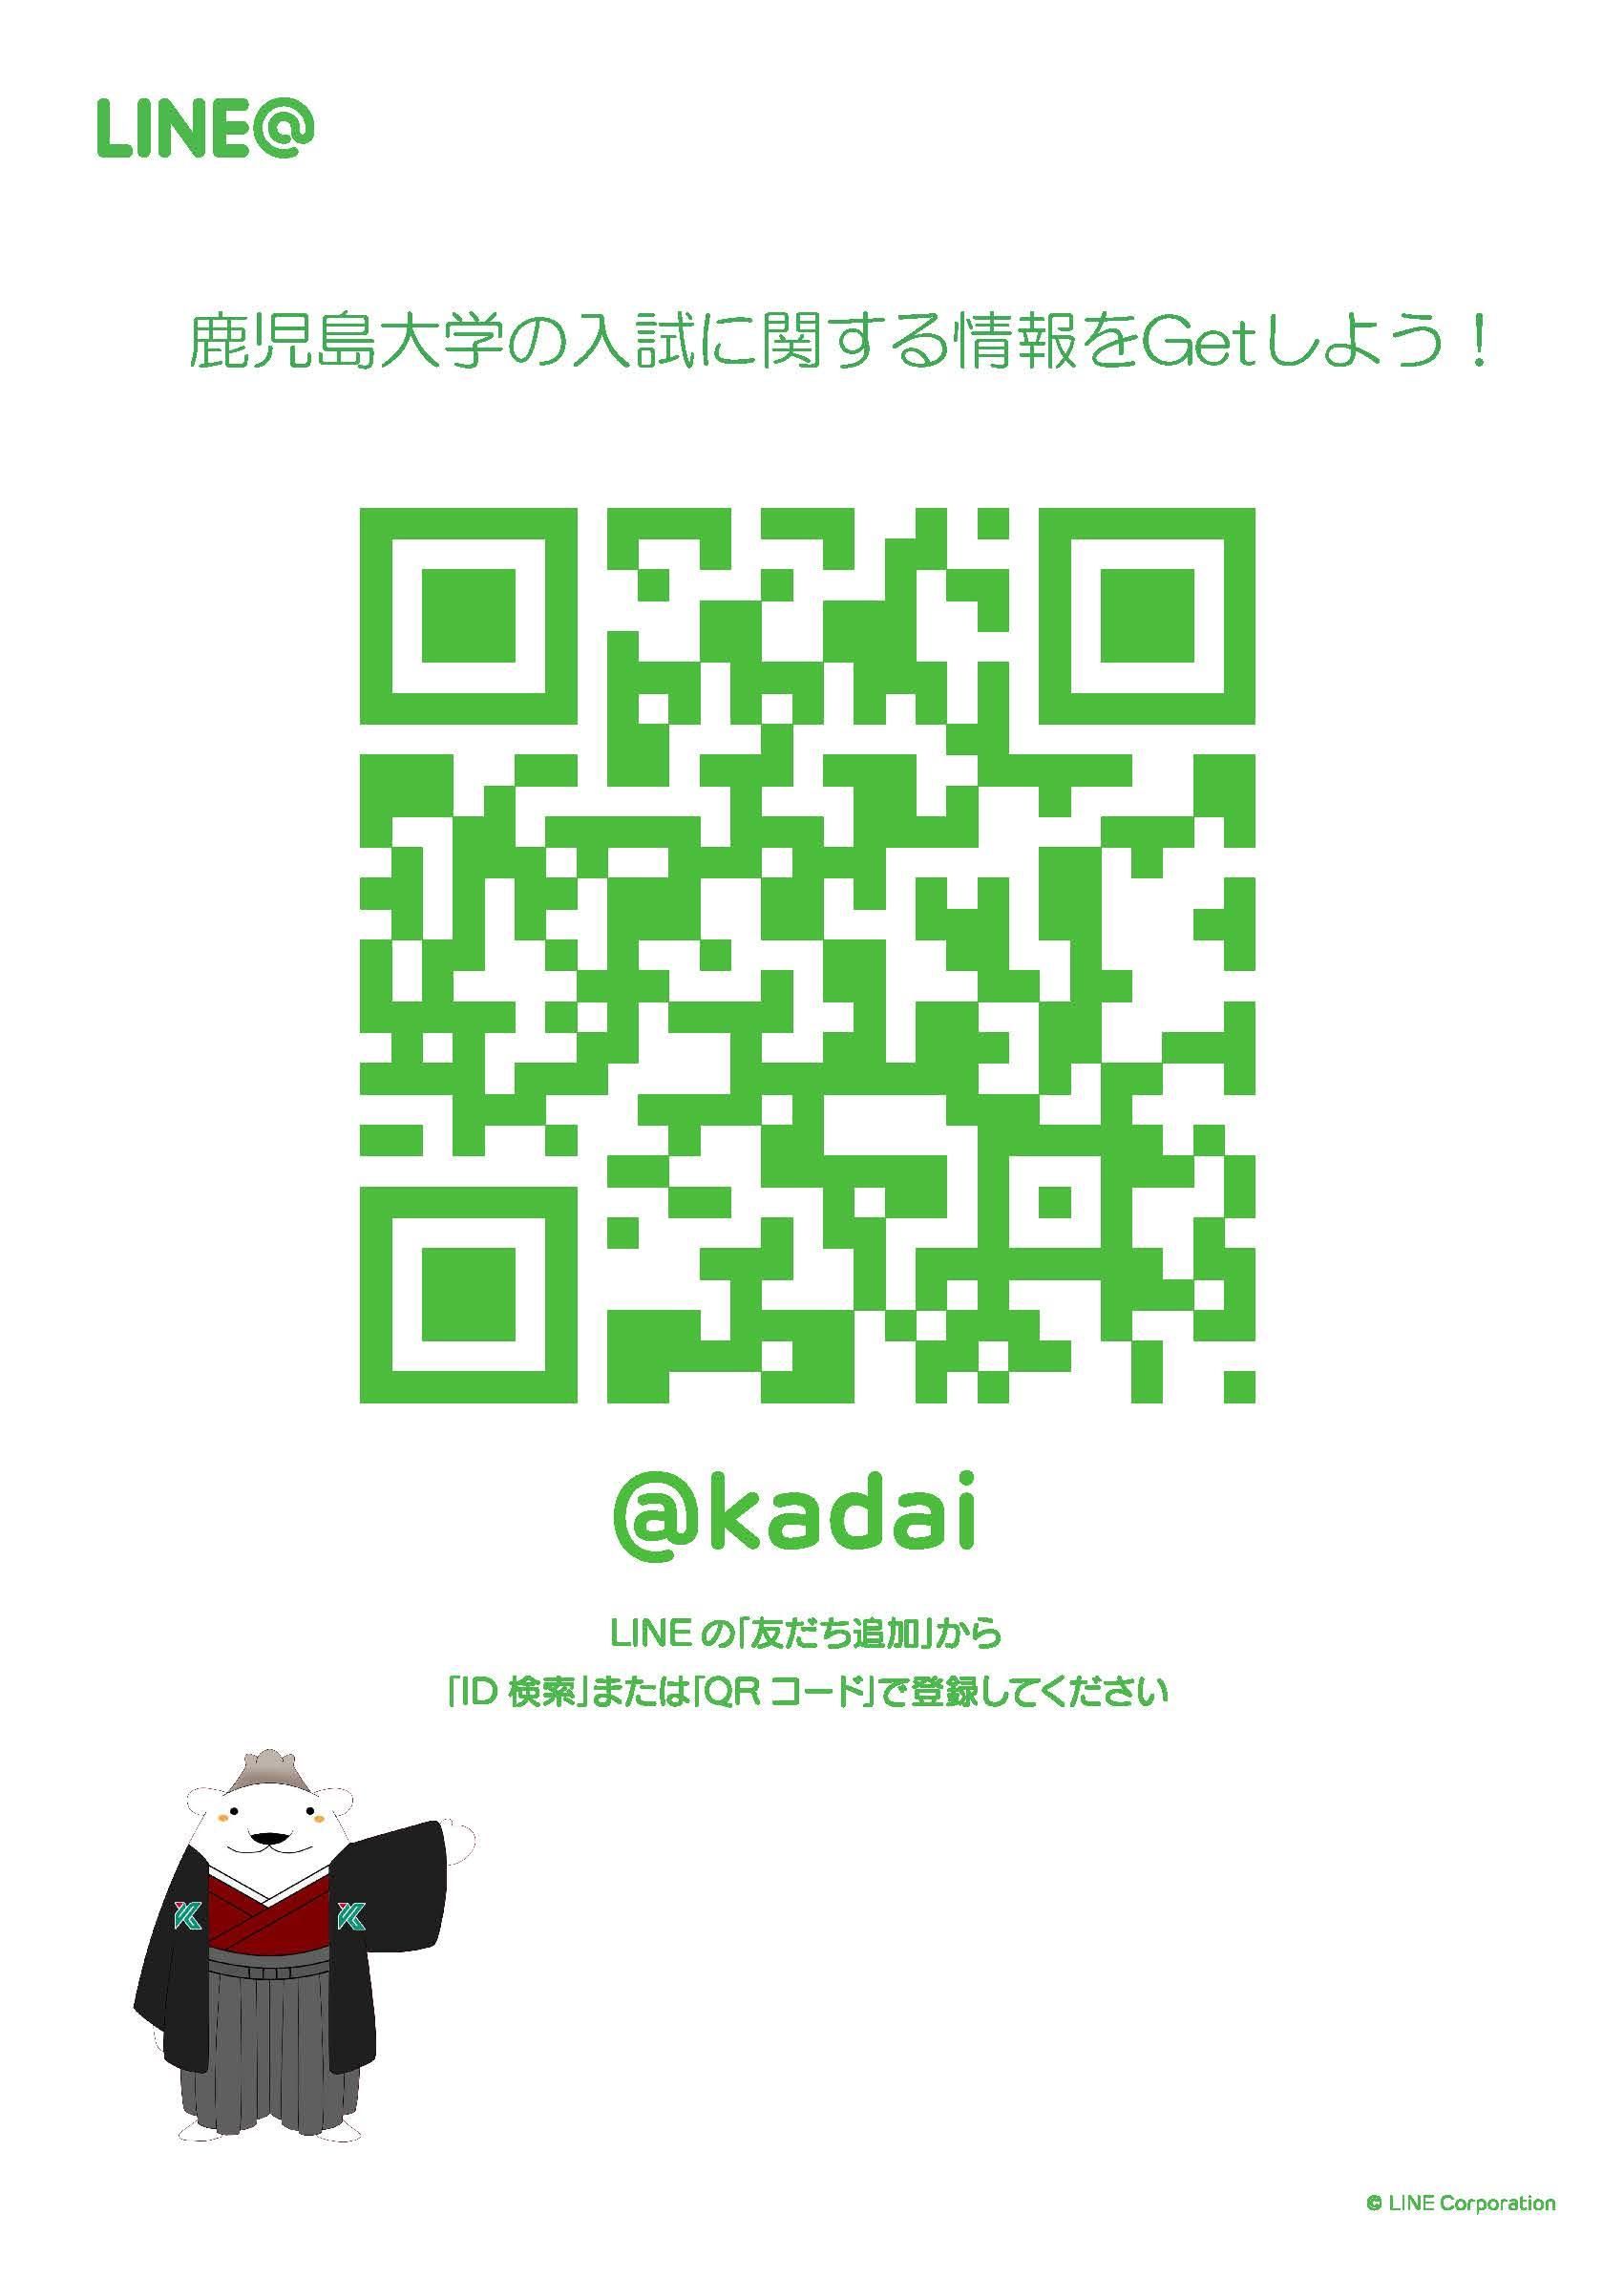 line-kadai.jpg